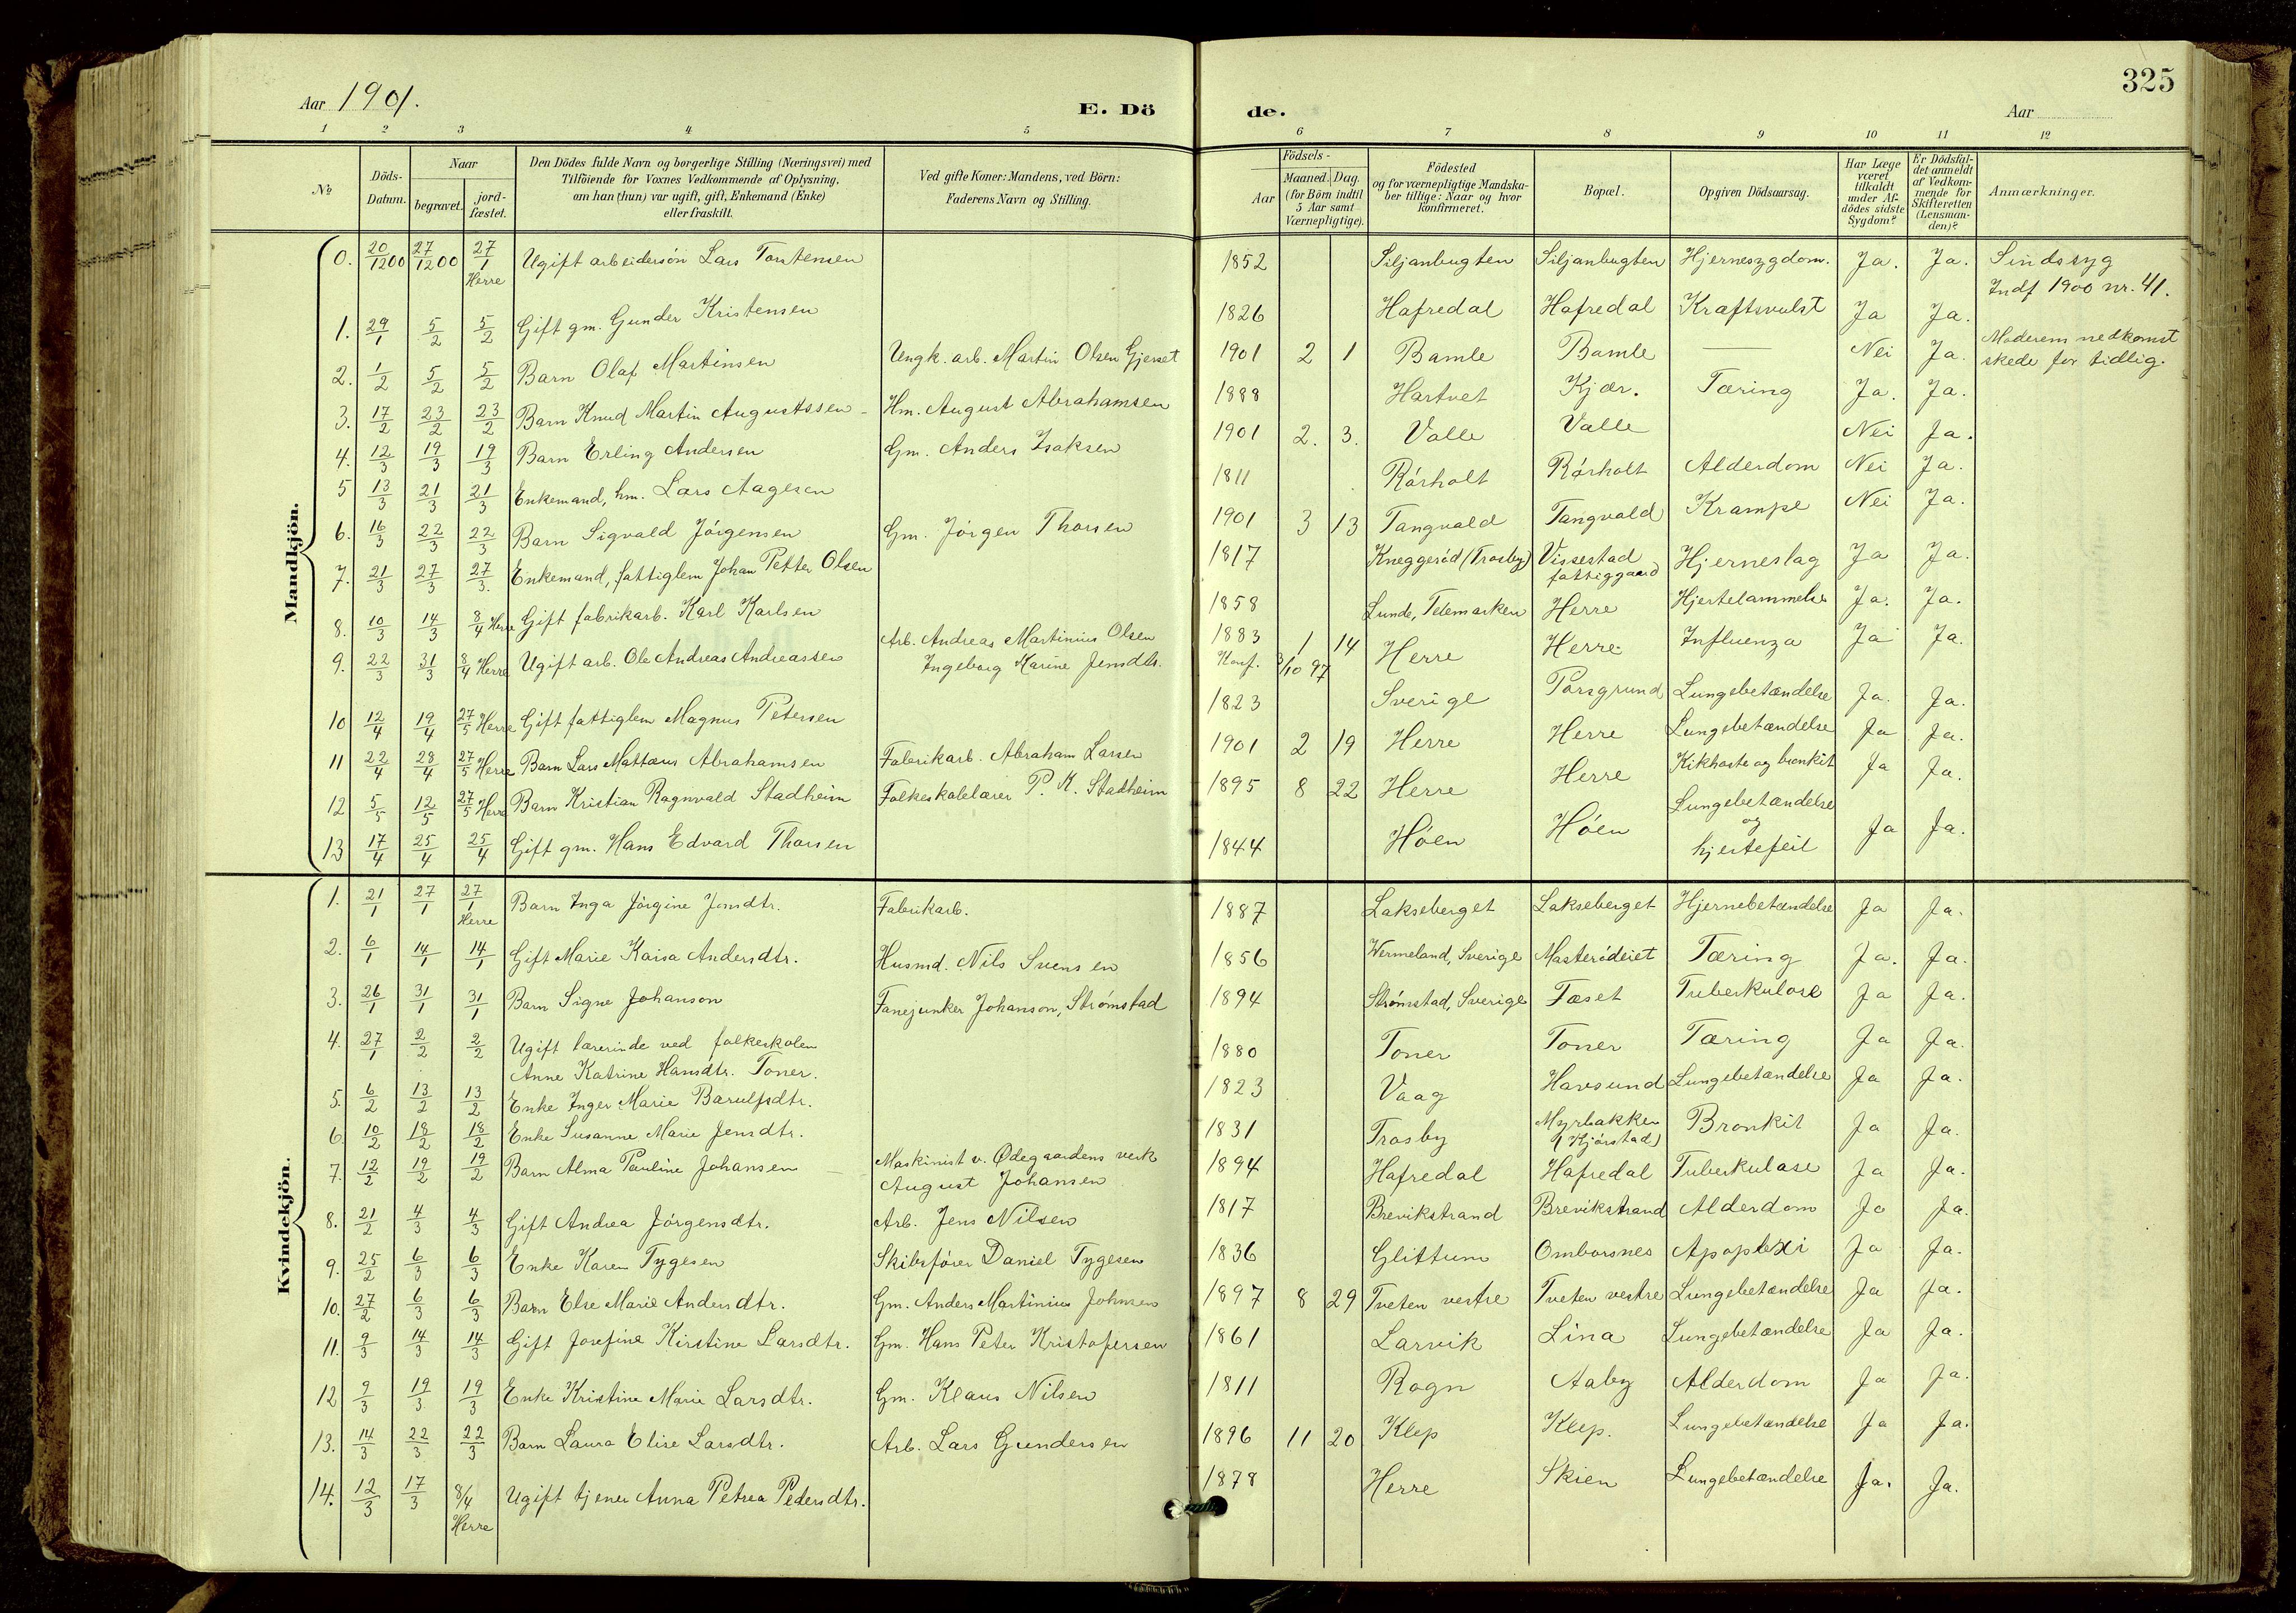 SAKO, Bamble kirkebøker, G/Ga/L0010: Klokkerbok nr. I 10, 1901-1919, s. 325